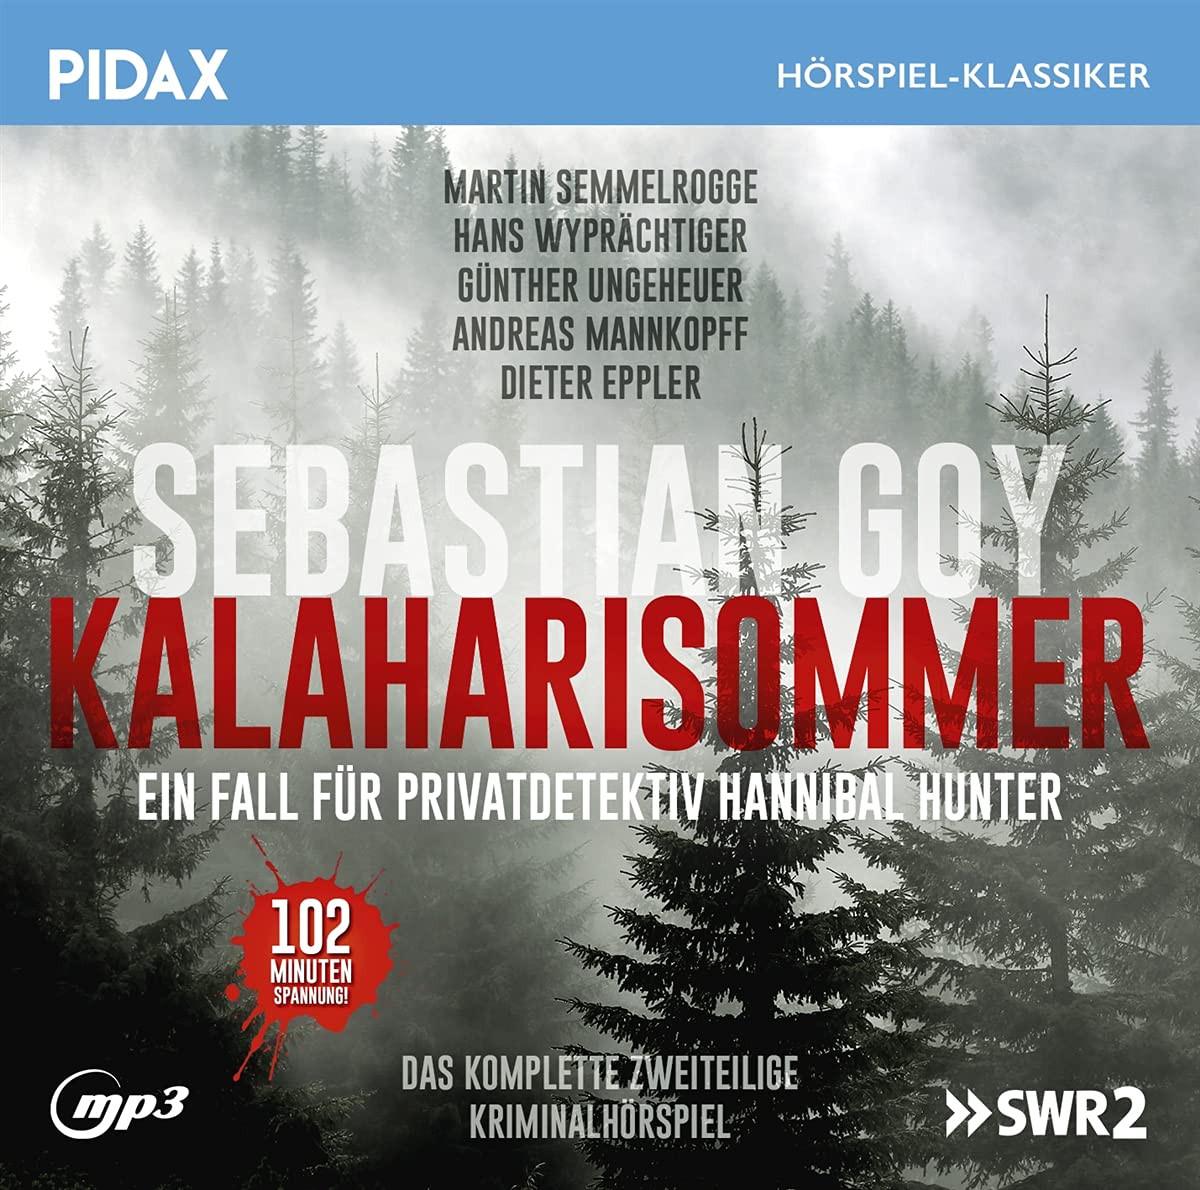 Pidax Hörspiel Klassiker - Kalaharisommer - Ein Fall für Privatdetektiv Hannibal Hunter